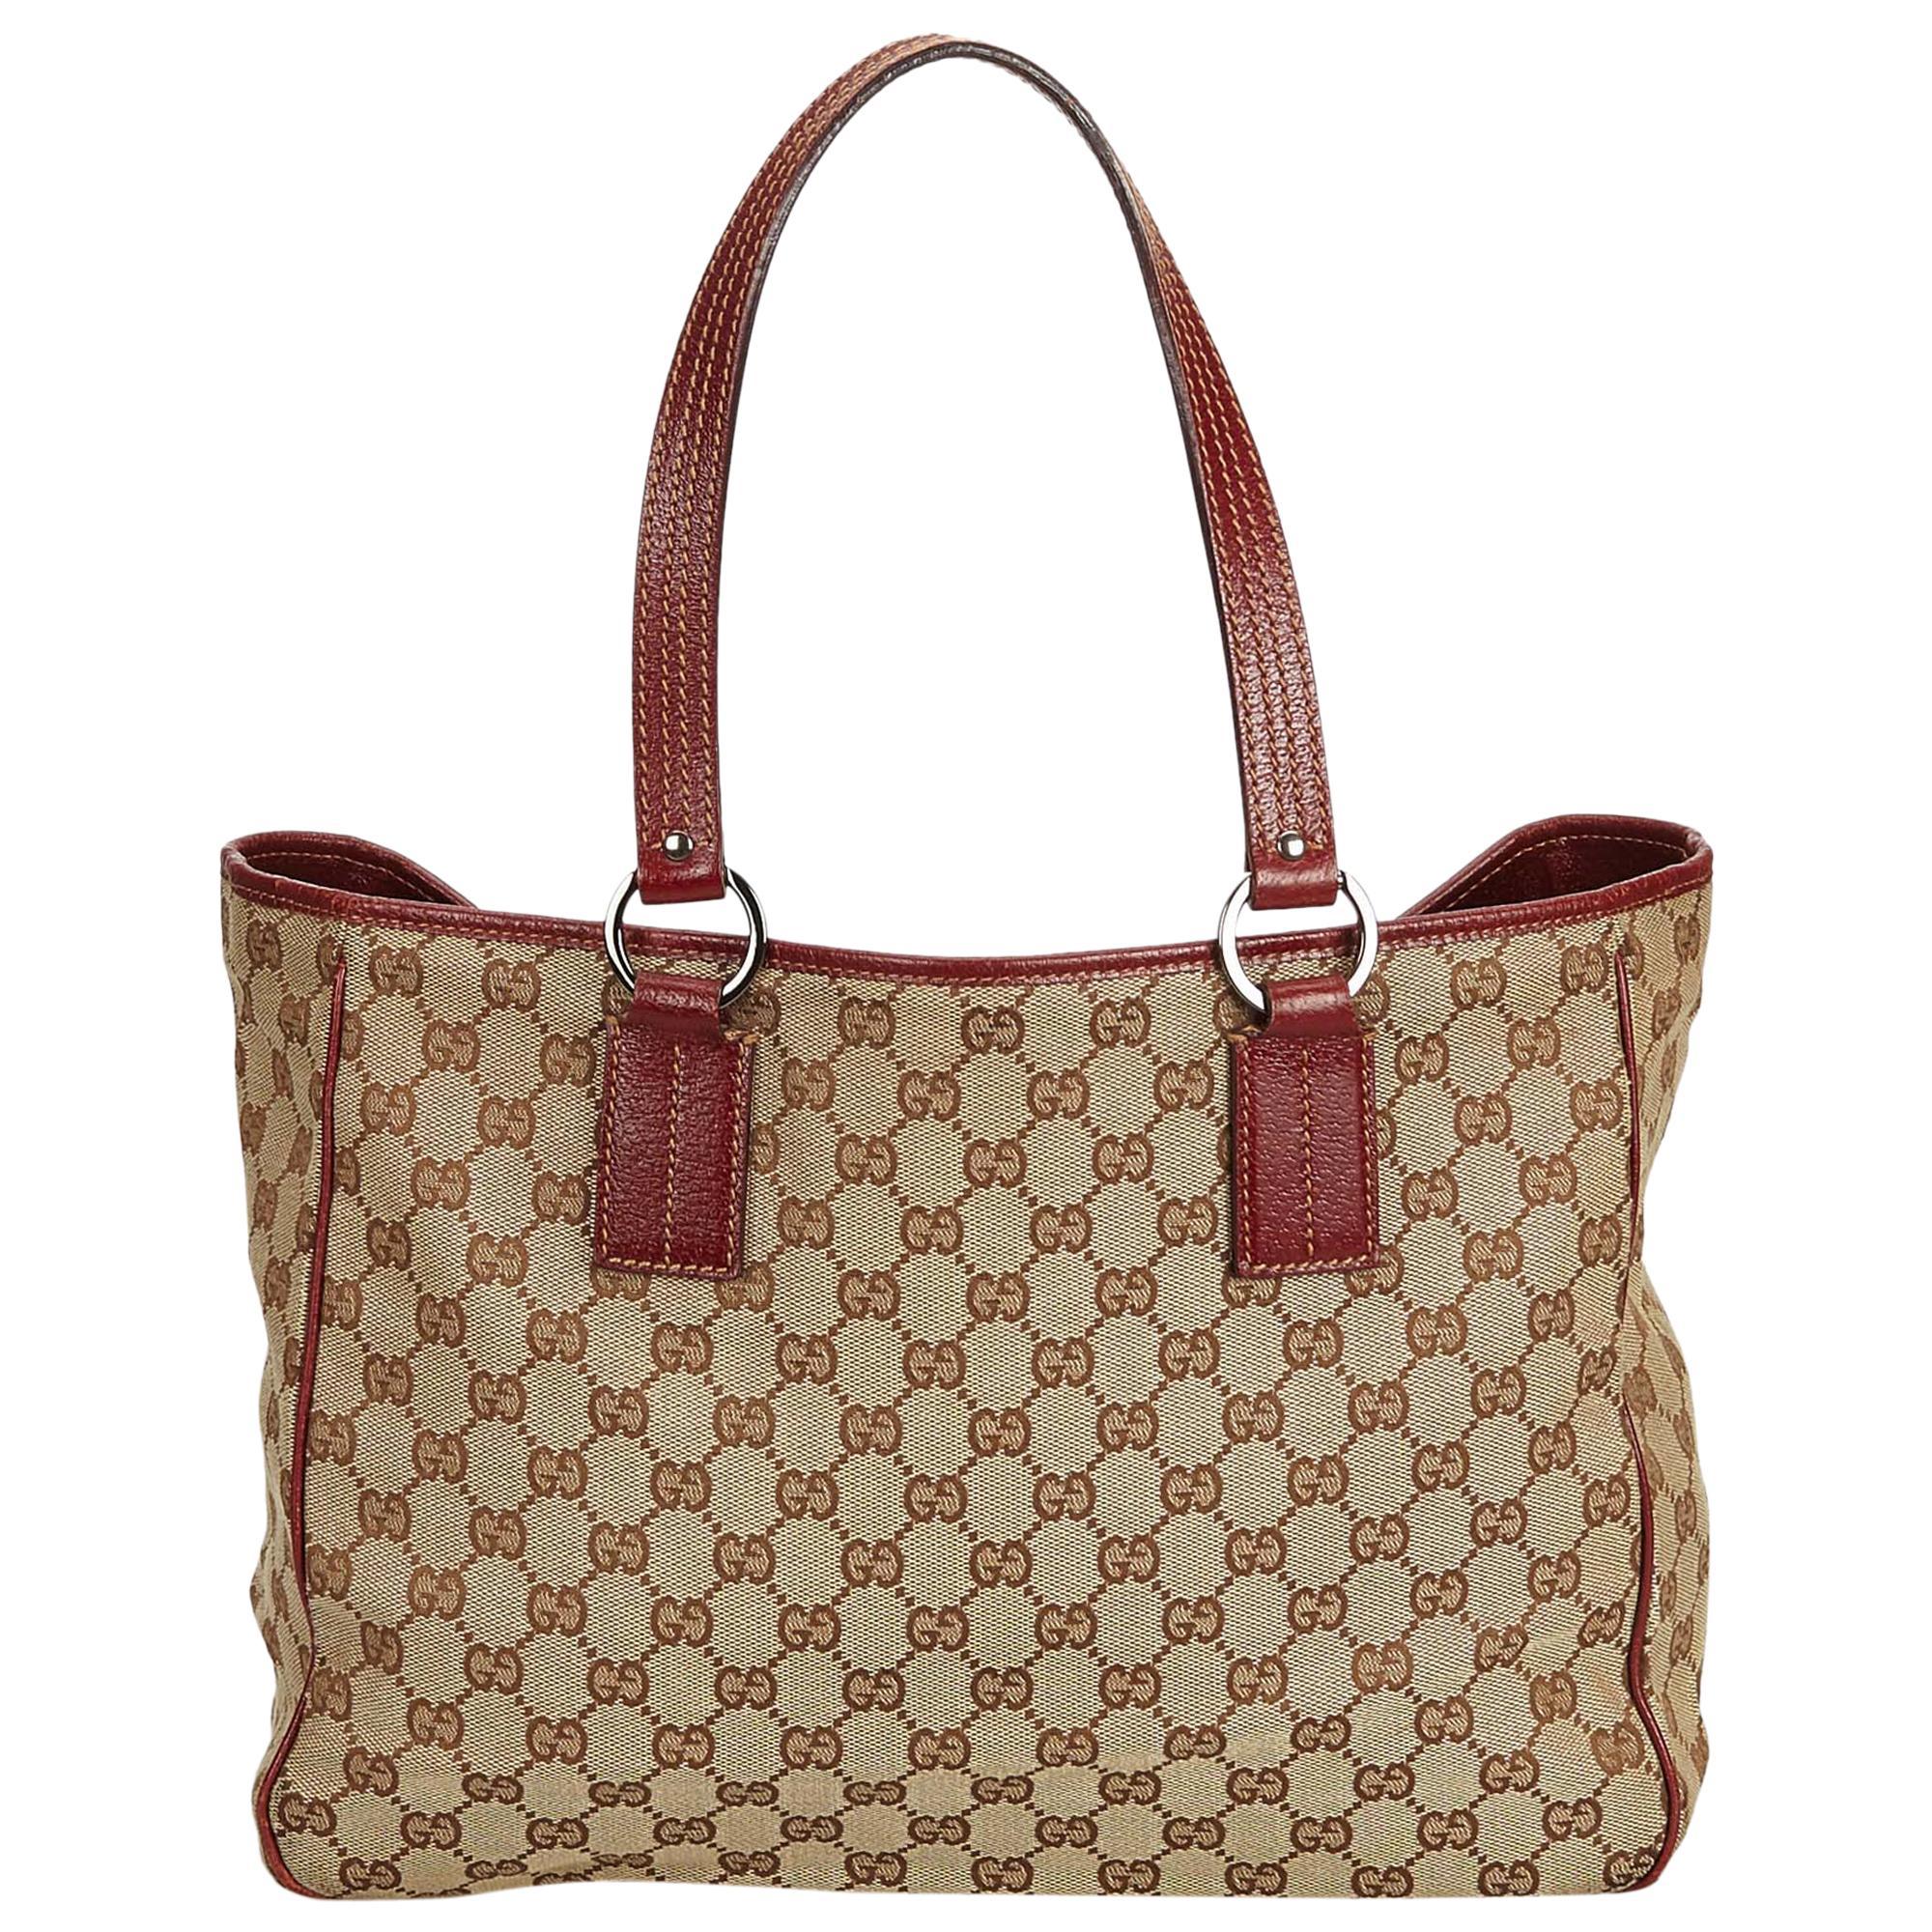 Goyard Red and Bordeaux Saint Louis Jr. tote bag at 1stdibs 6df30847c940